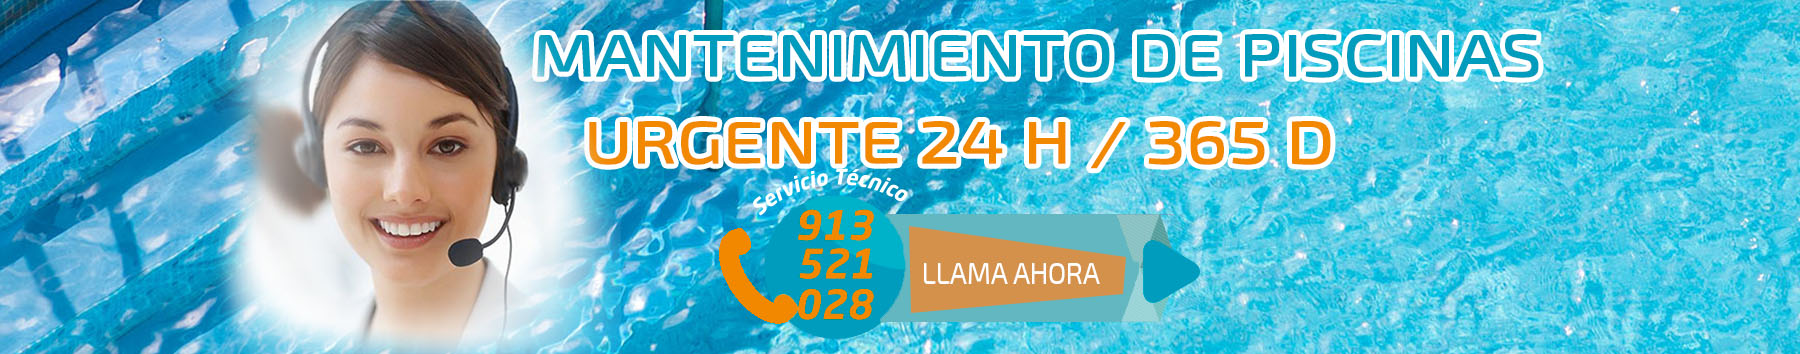 Telefono de Atencion al Cliente del Servicio de Mantenimiento de piscinas en Pozuelo de Alarcon Kalderalia